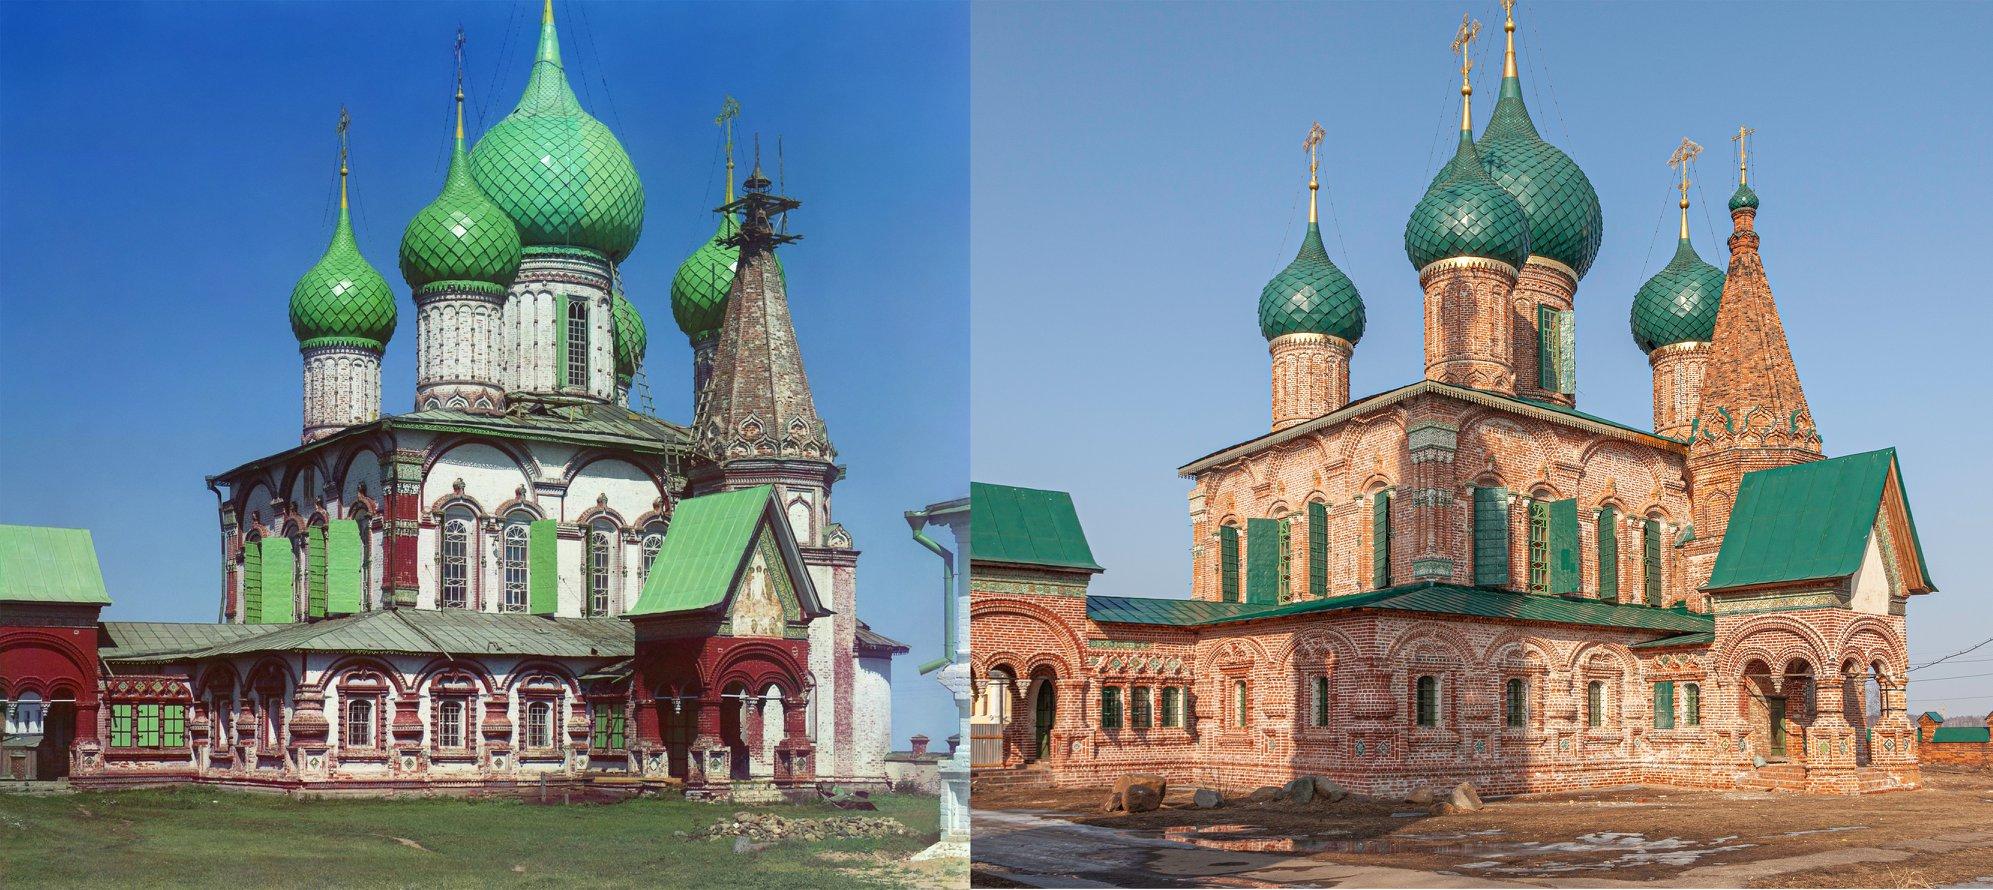 Церковь Иоанна Златоуста с юго-запада. Ярославль. Георгий Башкин (ФБ)